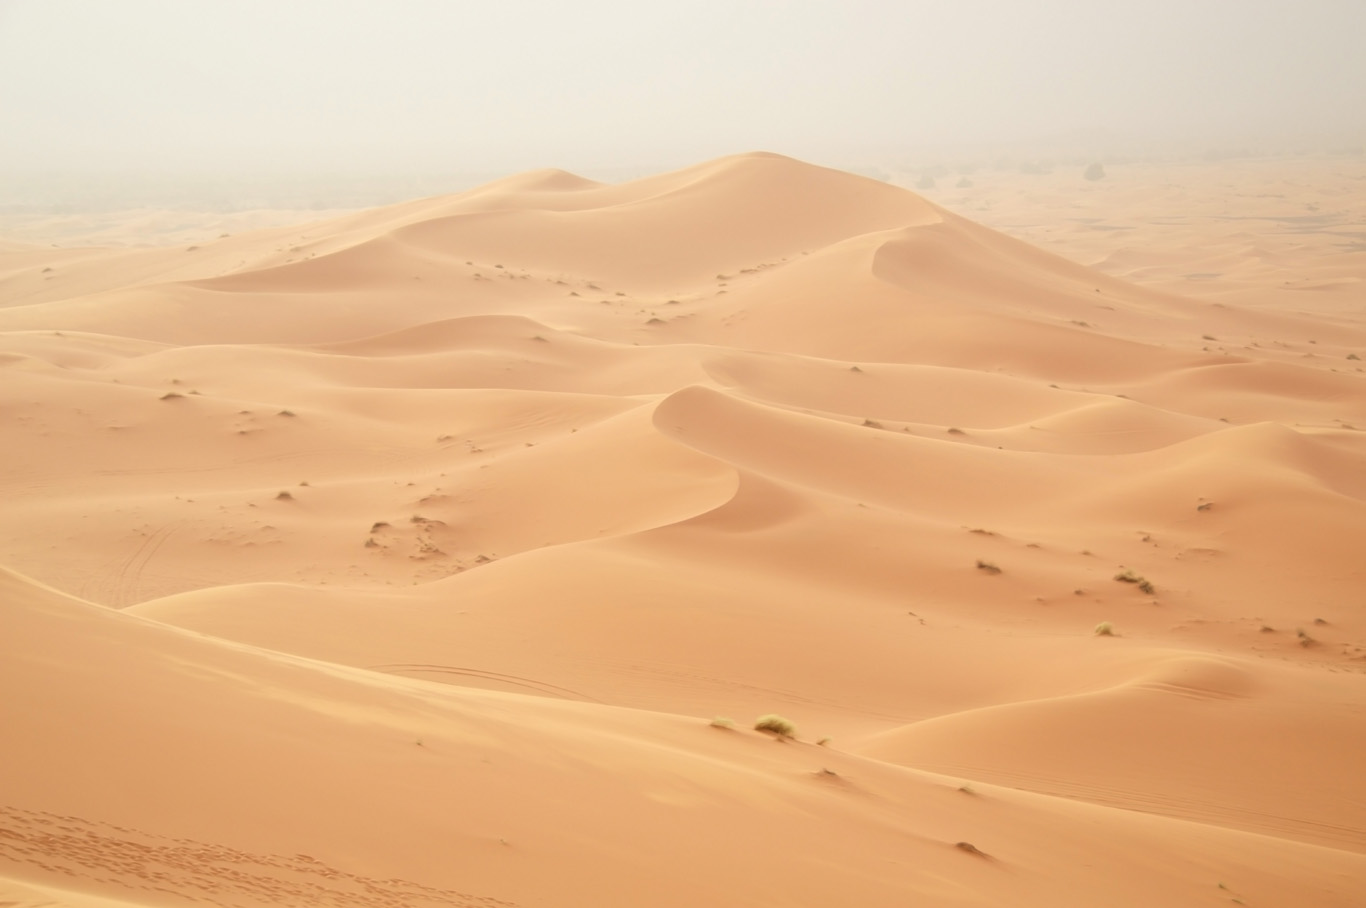 Sandstorm is coming